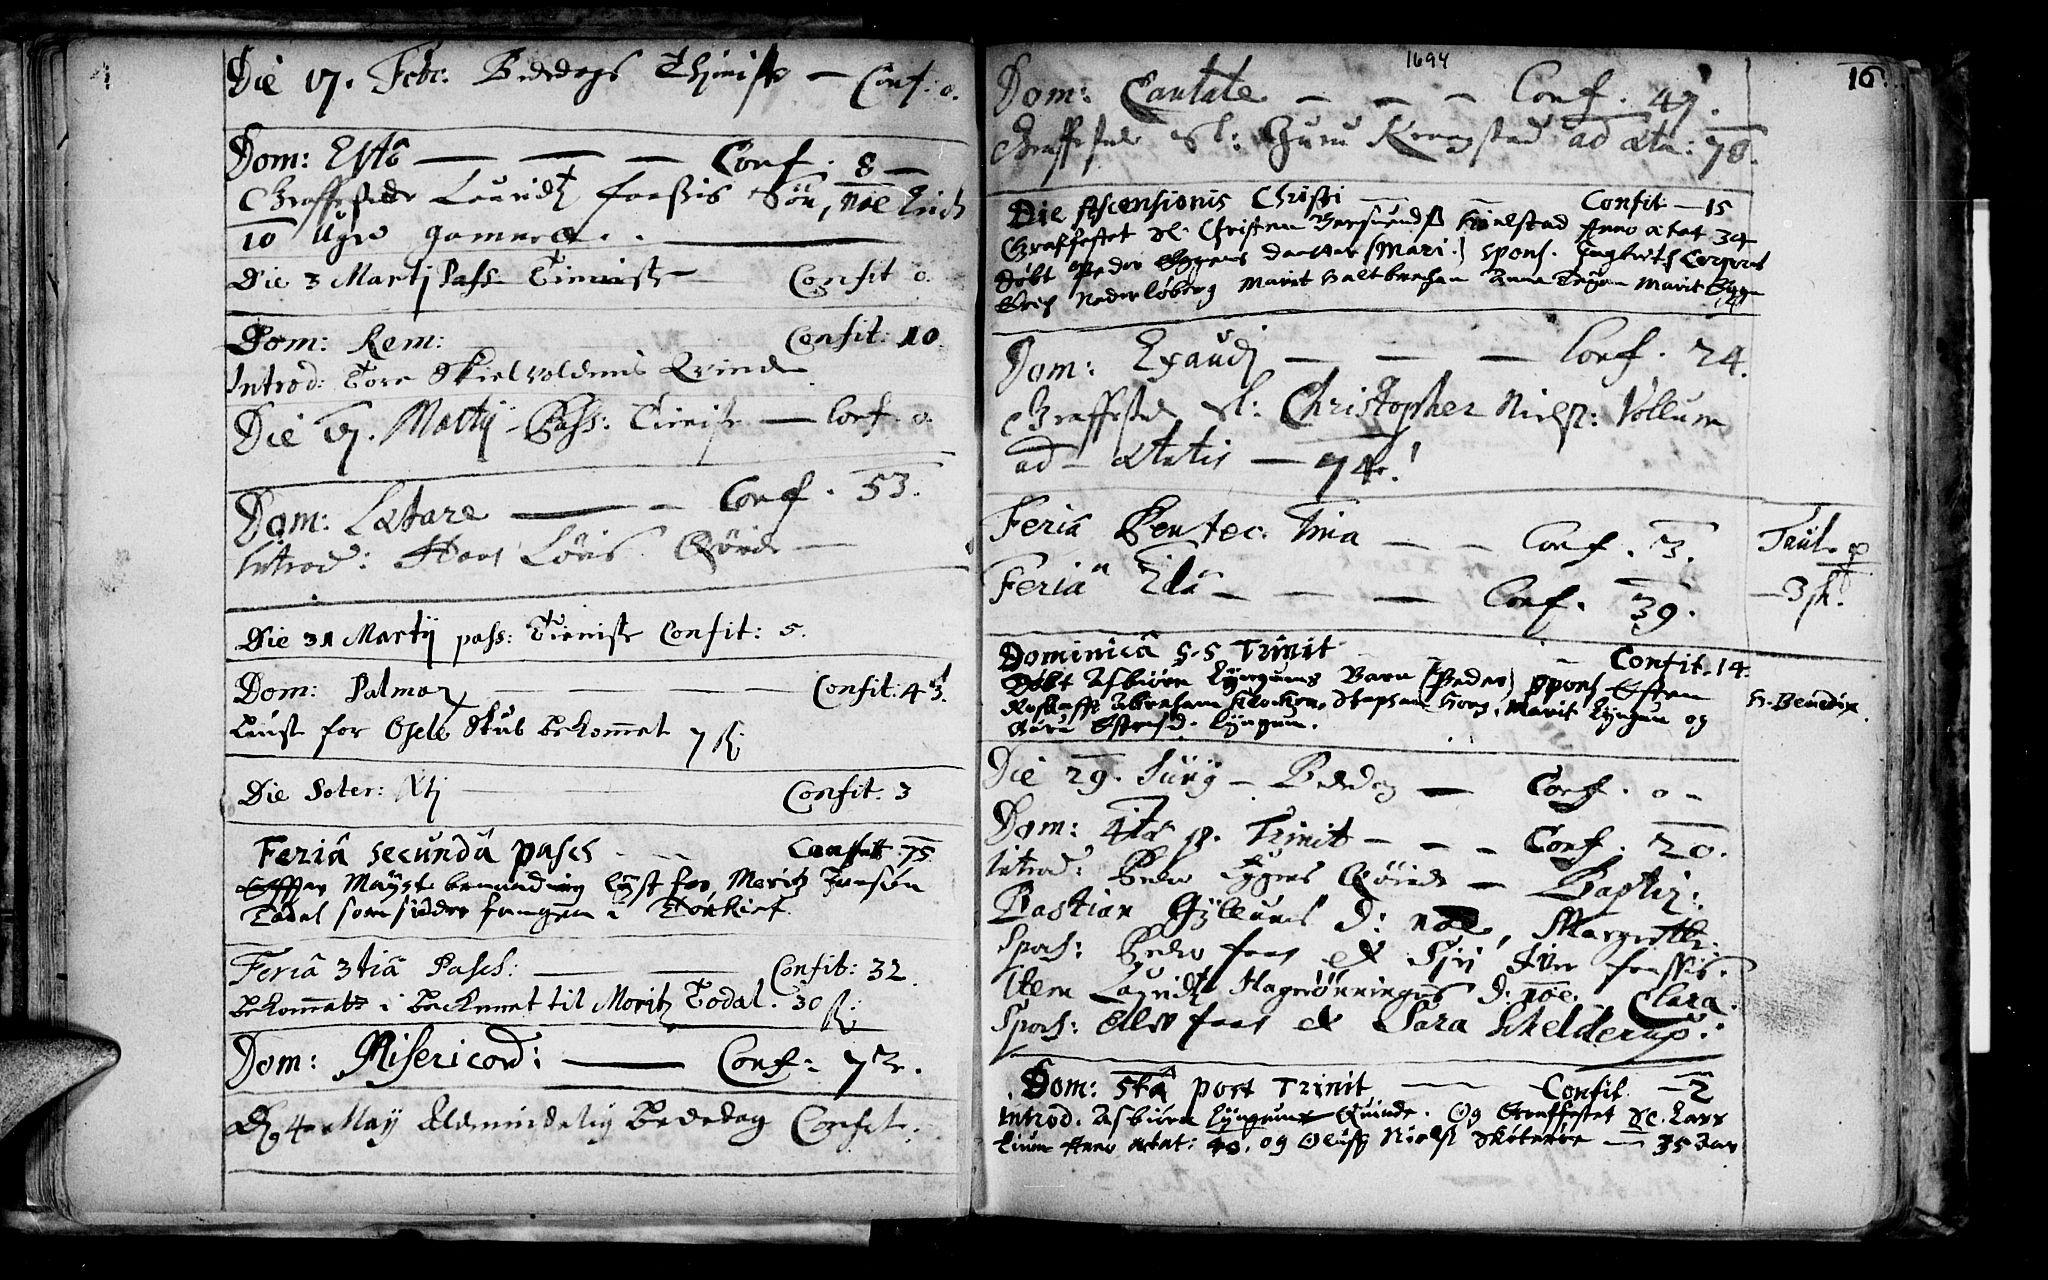 SAT, Ministerialprotokoller, klokkerbøker og fødselsregistre - Sør-Trøndelag, 692/L1101: Ministerialbok nr. 692A01, 1690-1746, s. 16